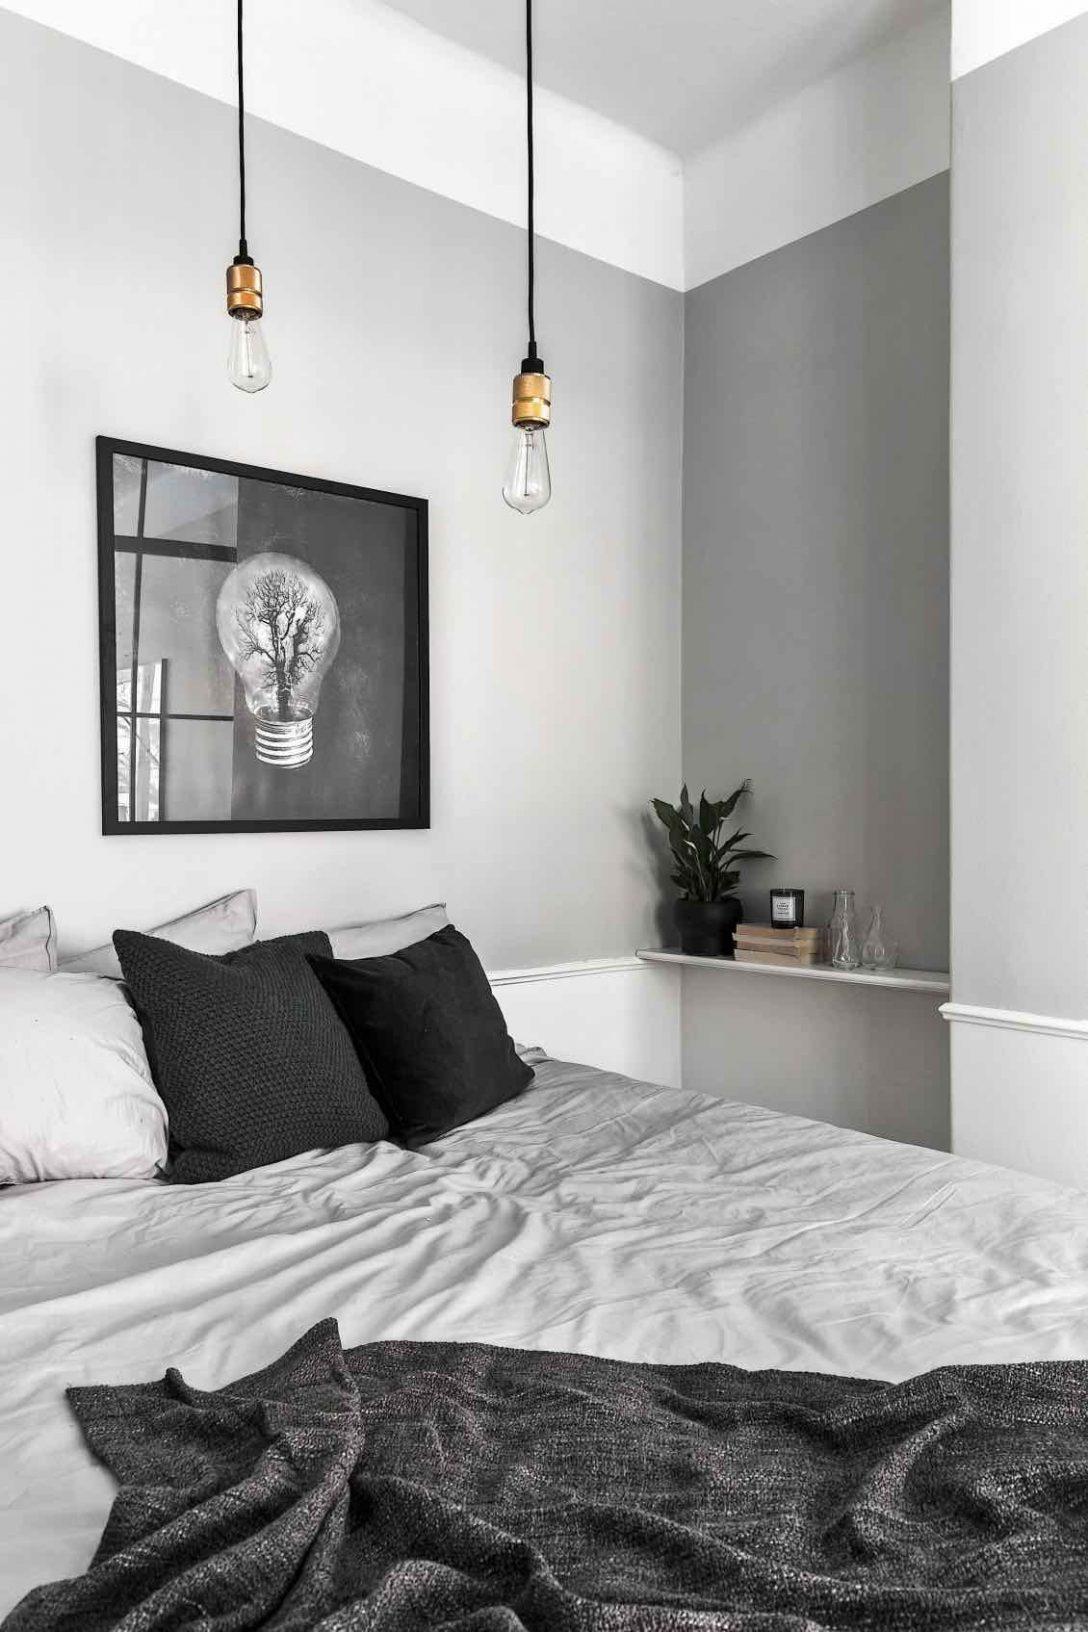 Large Size of Lampe Schlafzimmer Lampen Einrichtungsideen Design Set Mit Matratze Und Lattenrost Esstisch Deckenleuchte Stehlampe Wohnzimmer Truhe Kronleuchter Wandleuchte Schlafzimmer Lampe Schlafzimmer